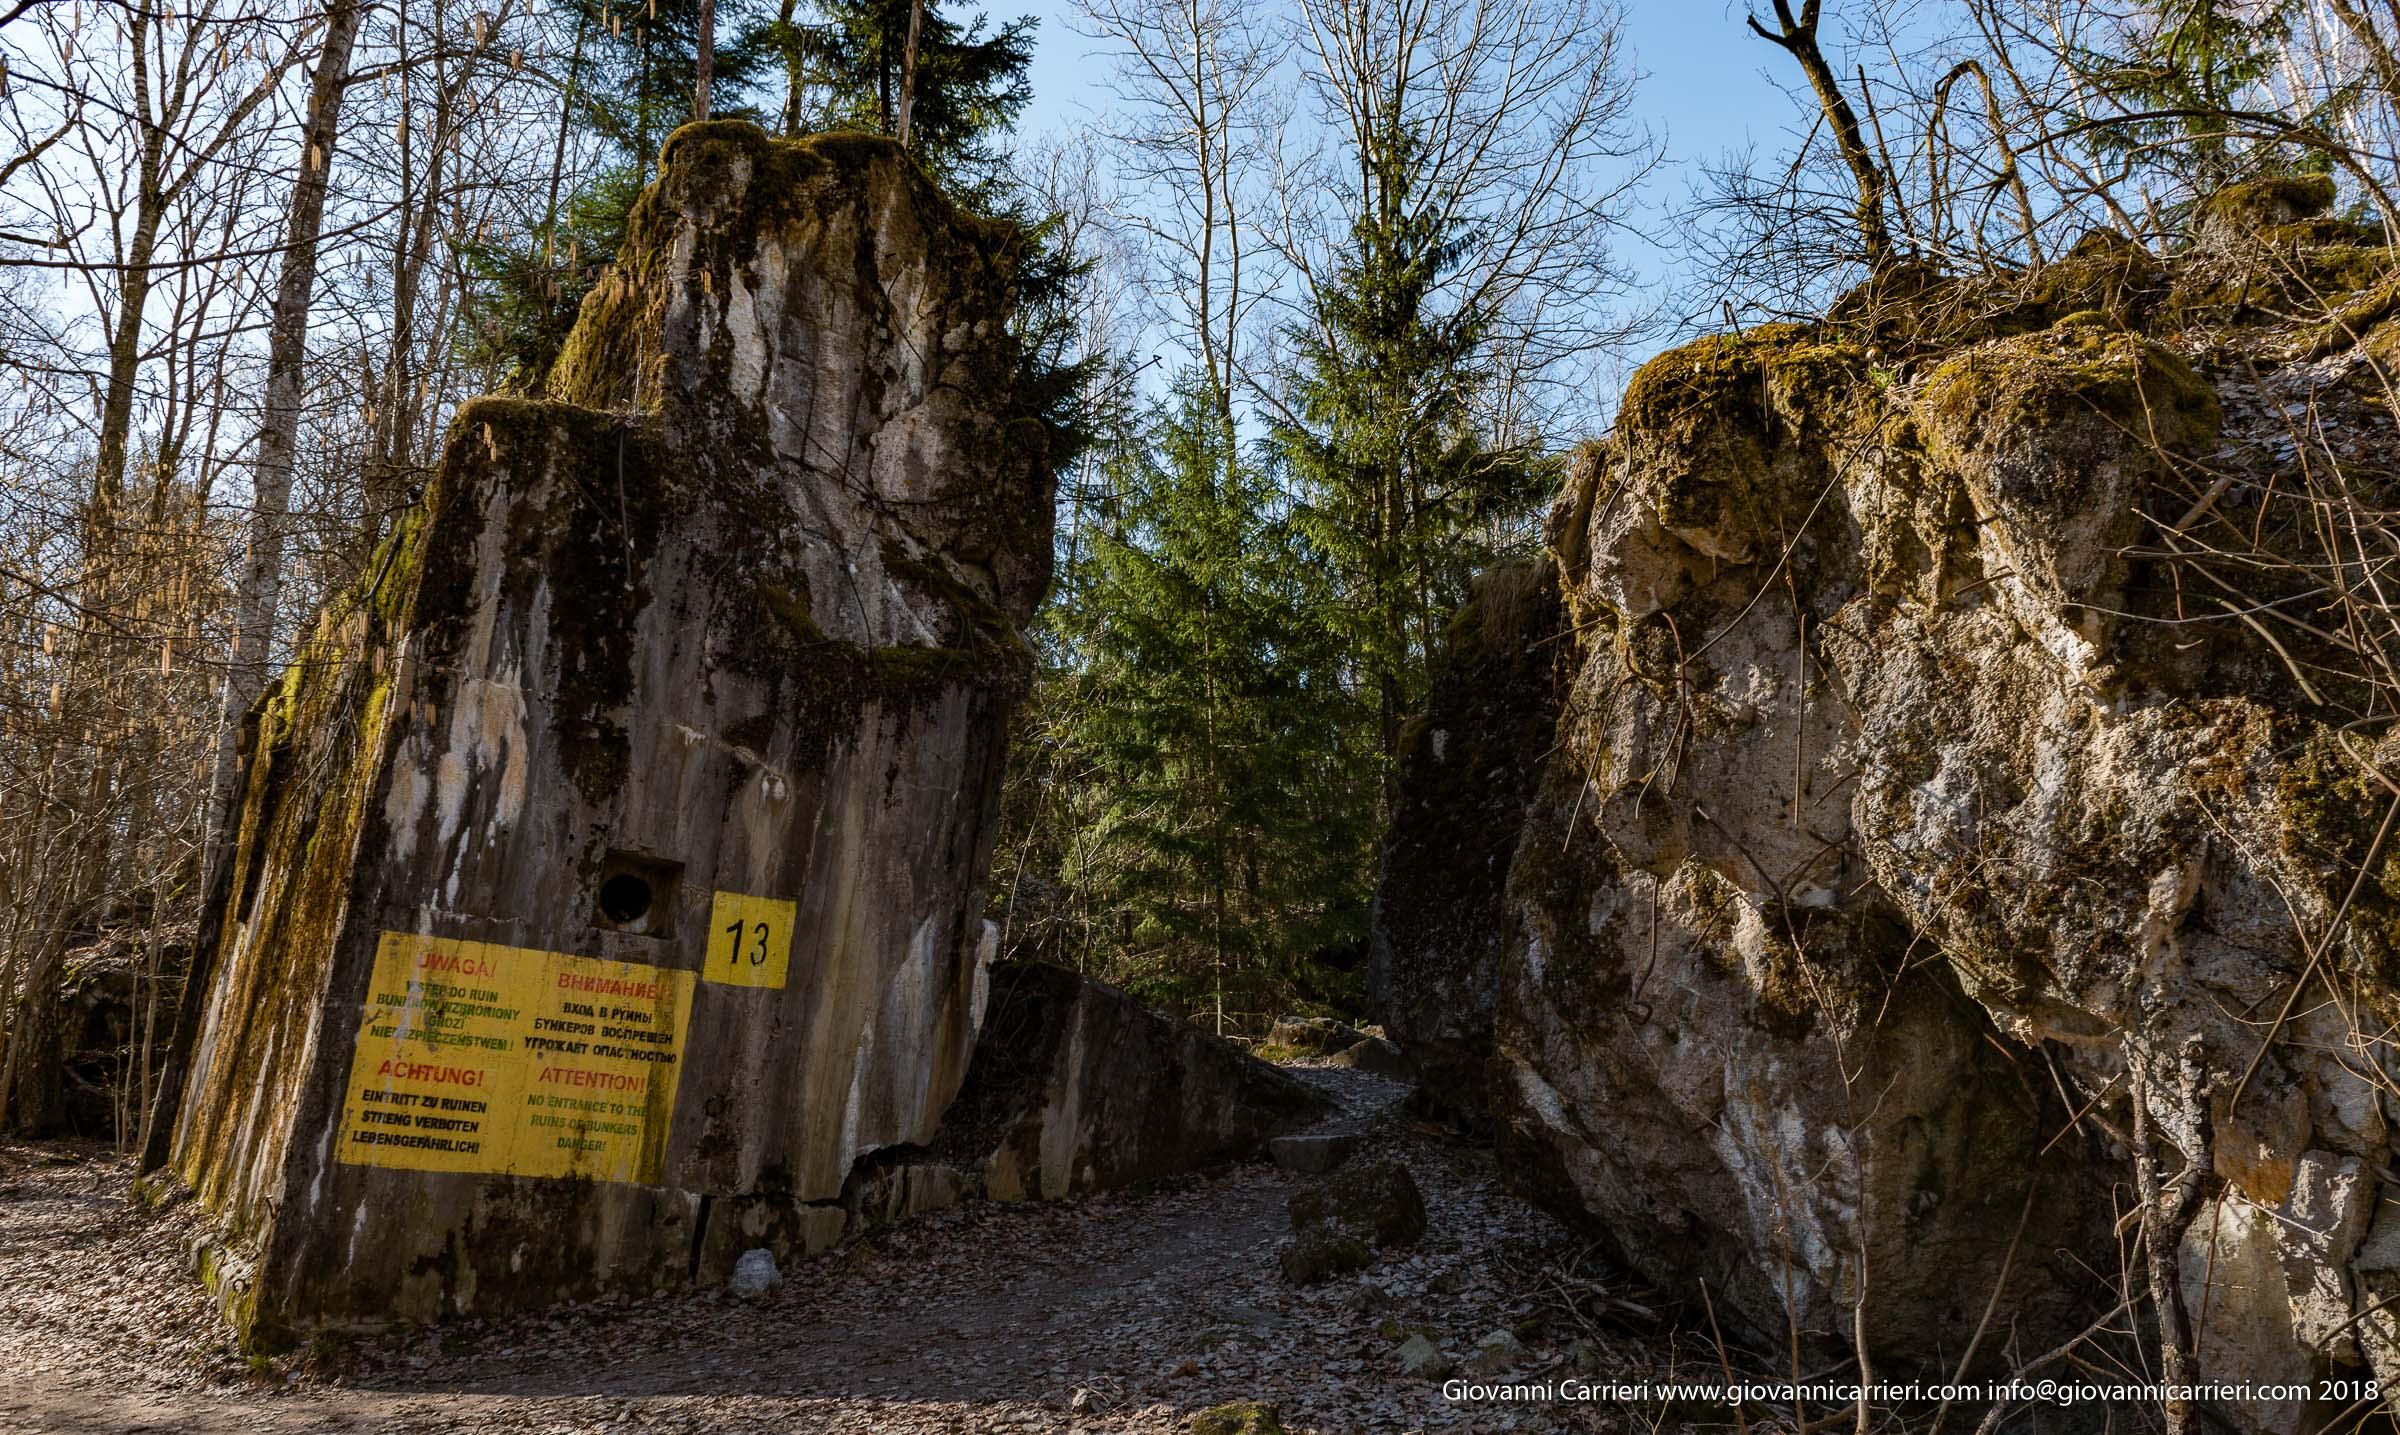 Dettagli delle rovine del bunker degli ospiti